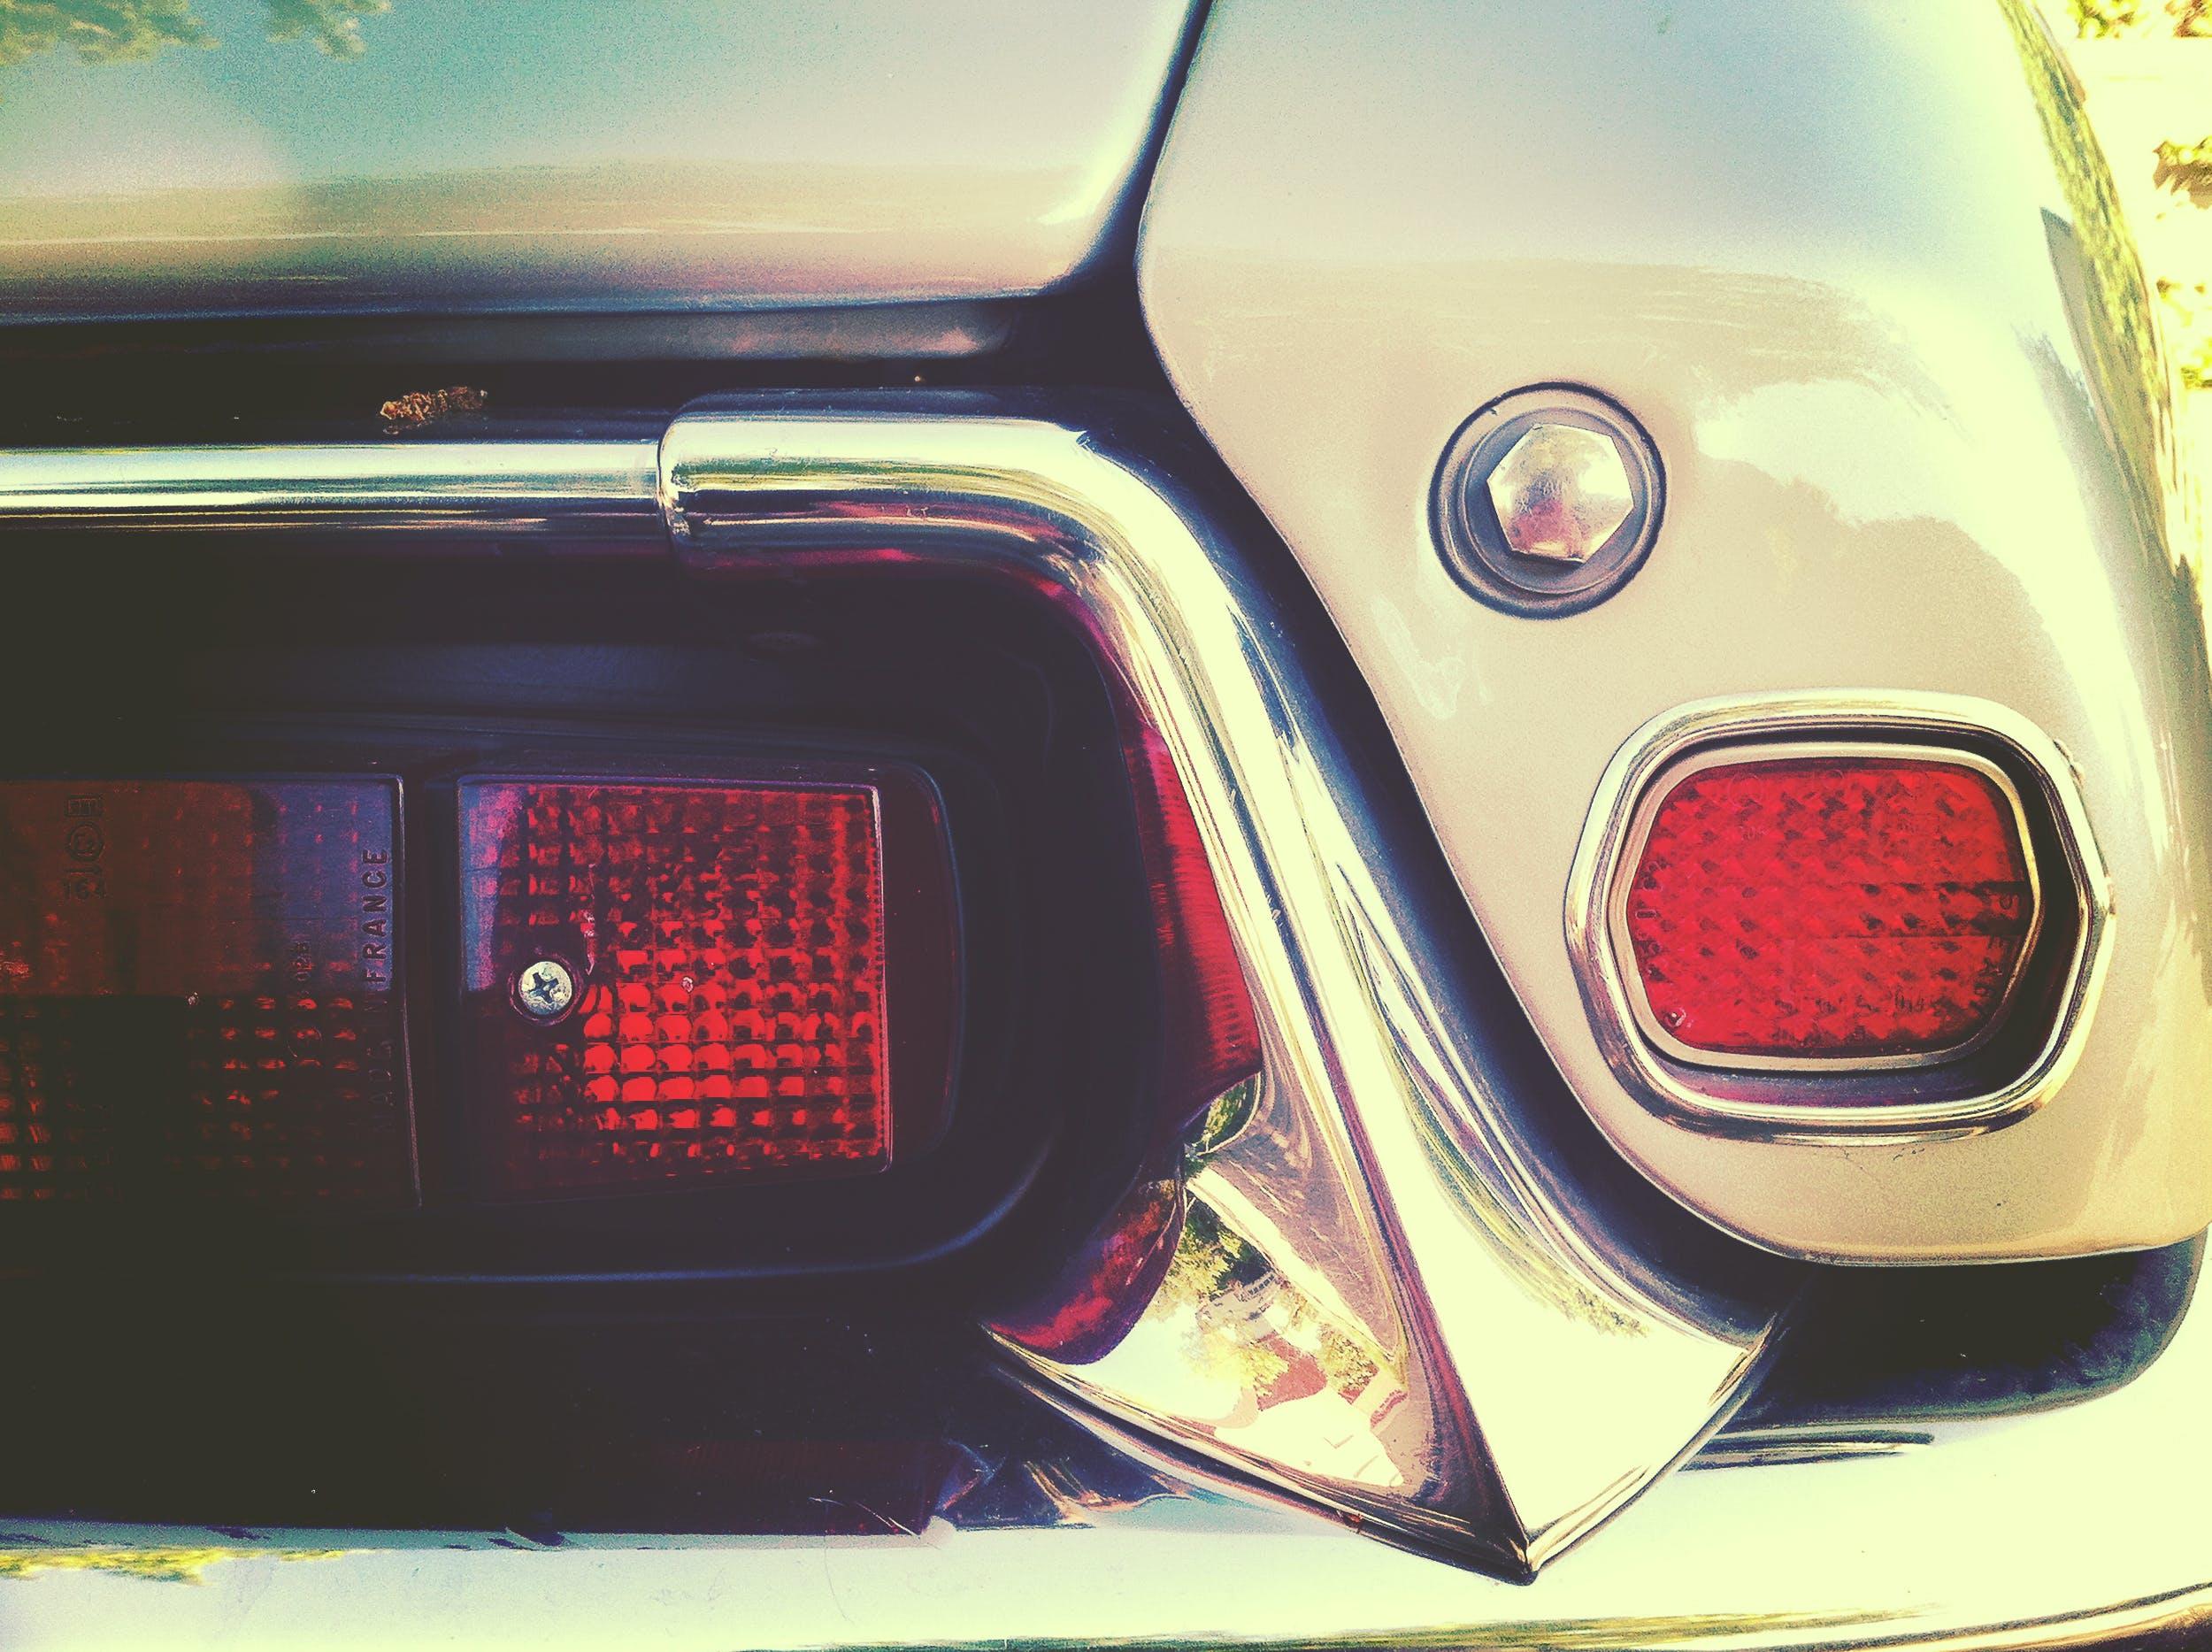 Gratis lagerfoto af baglygter, bil, close-up, transportmiddel